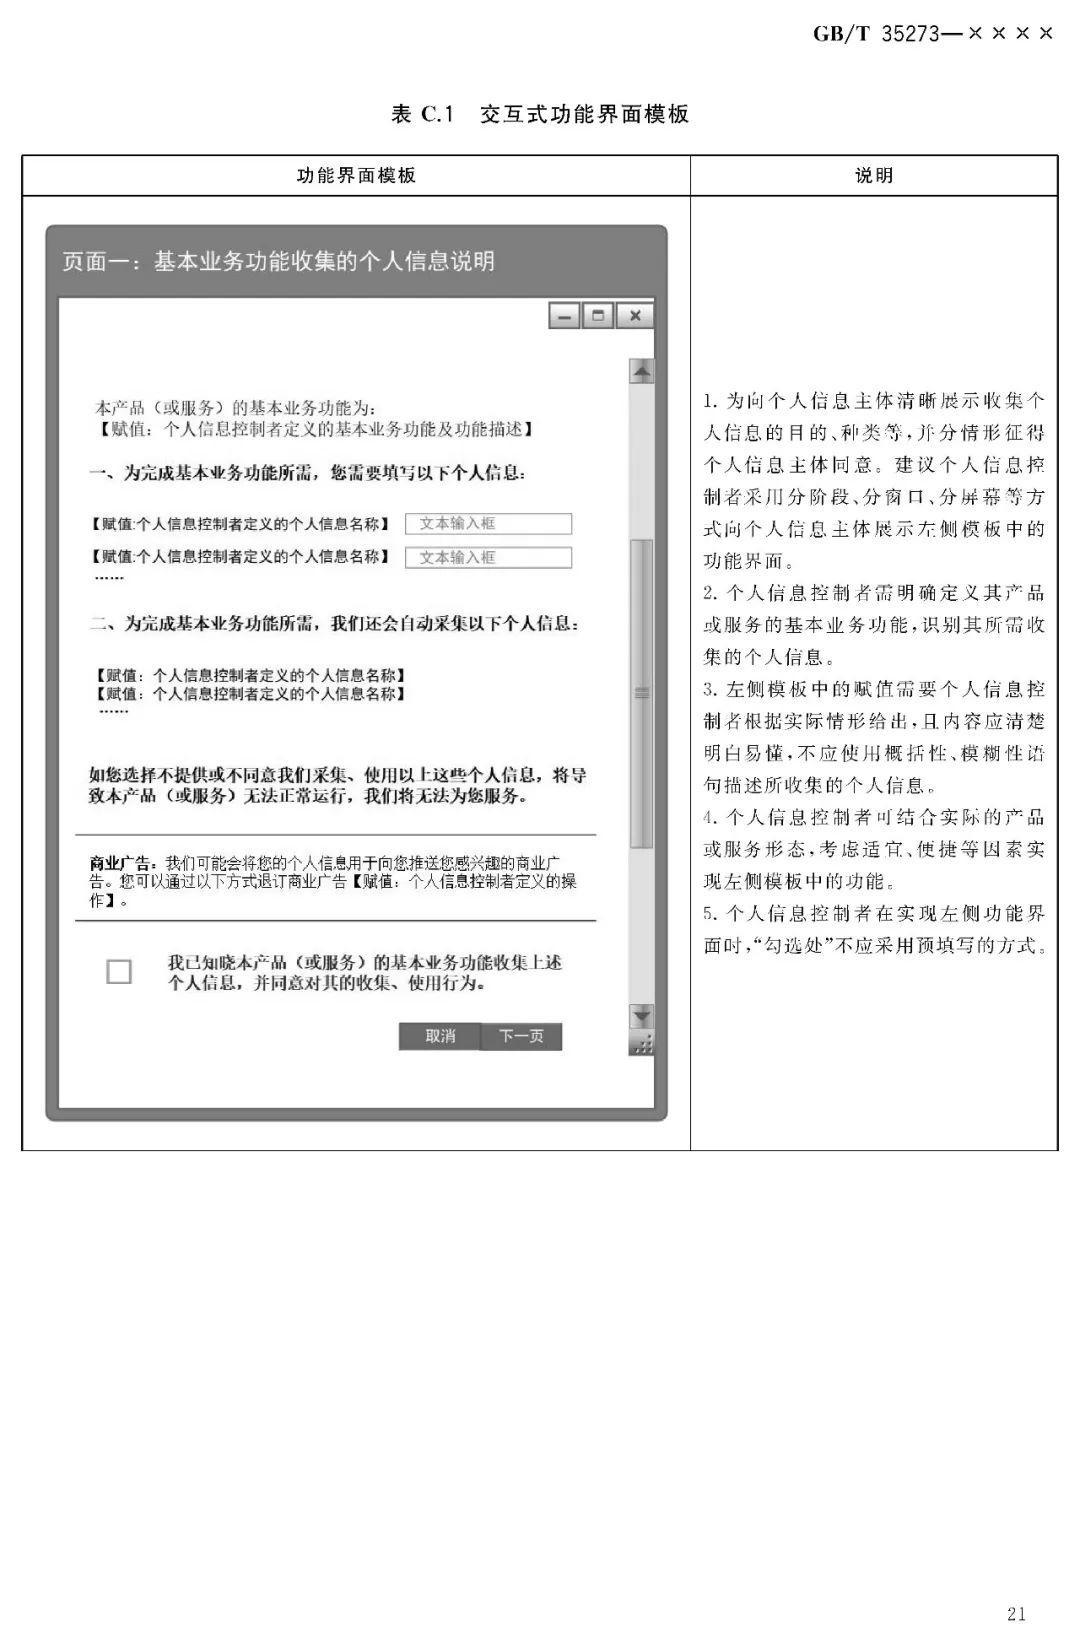 《个人信息安全规范 GBT/35273-2020》正式发布(附下载)